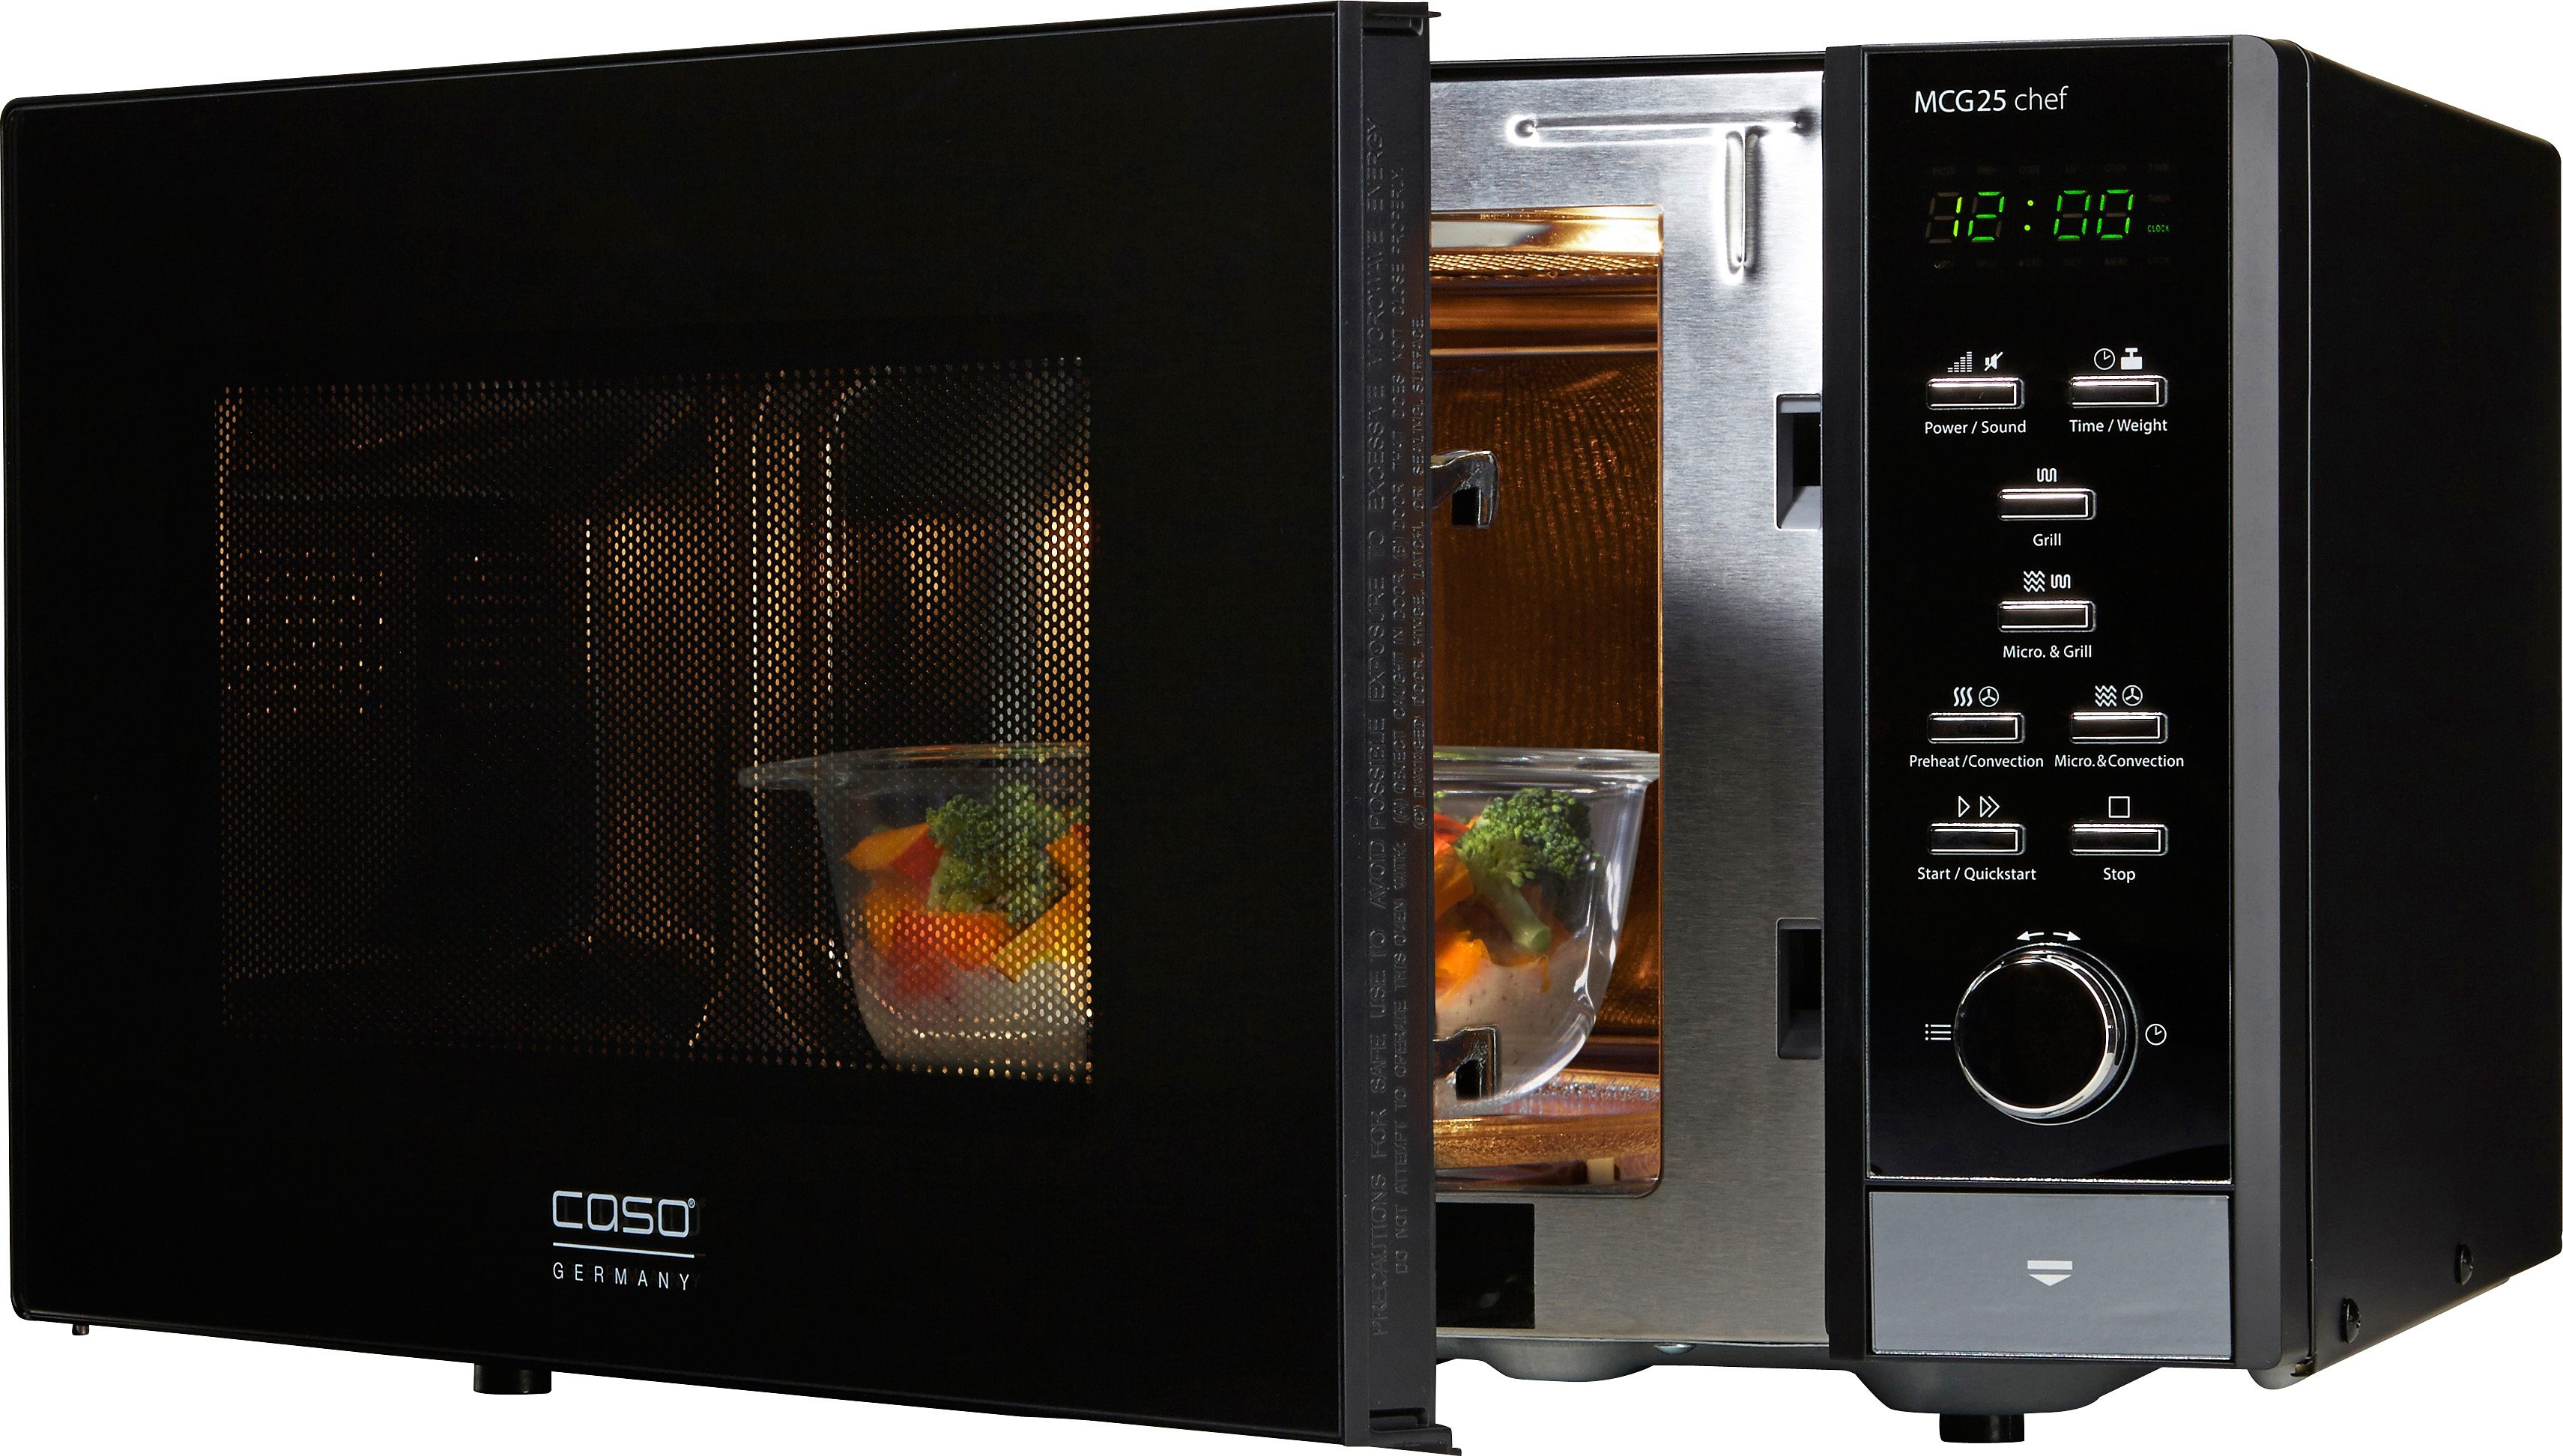 CASO Design Mikrowelle MCG25 Chef Black, mit Grill und Heißluft, 25 Liter Garraum, 900 Watt